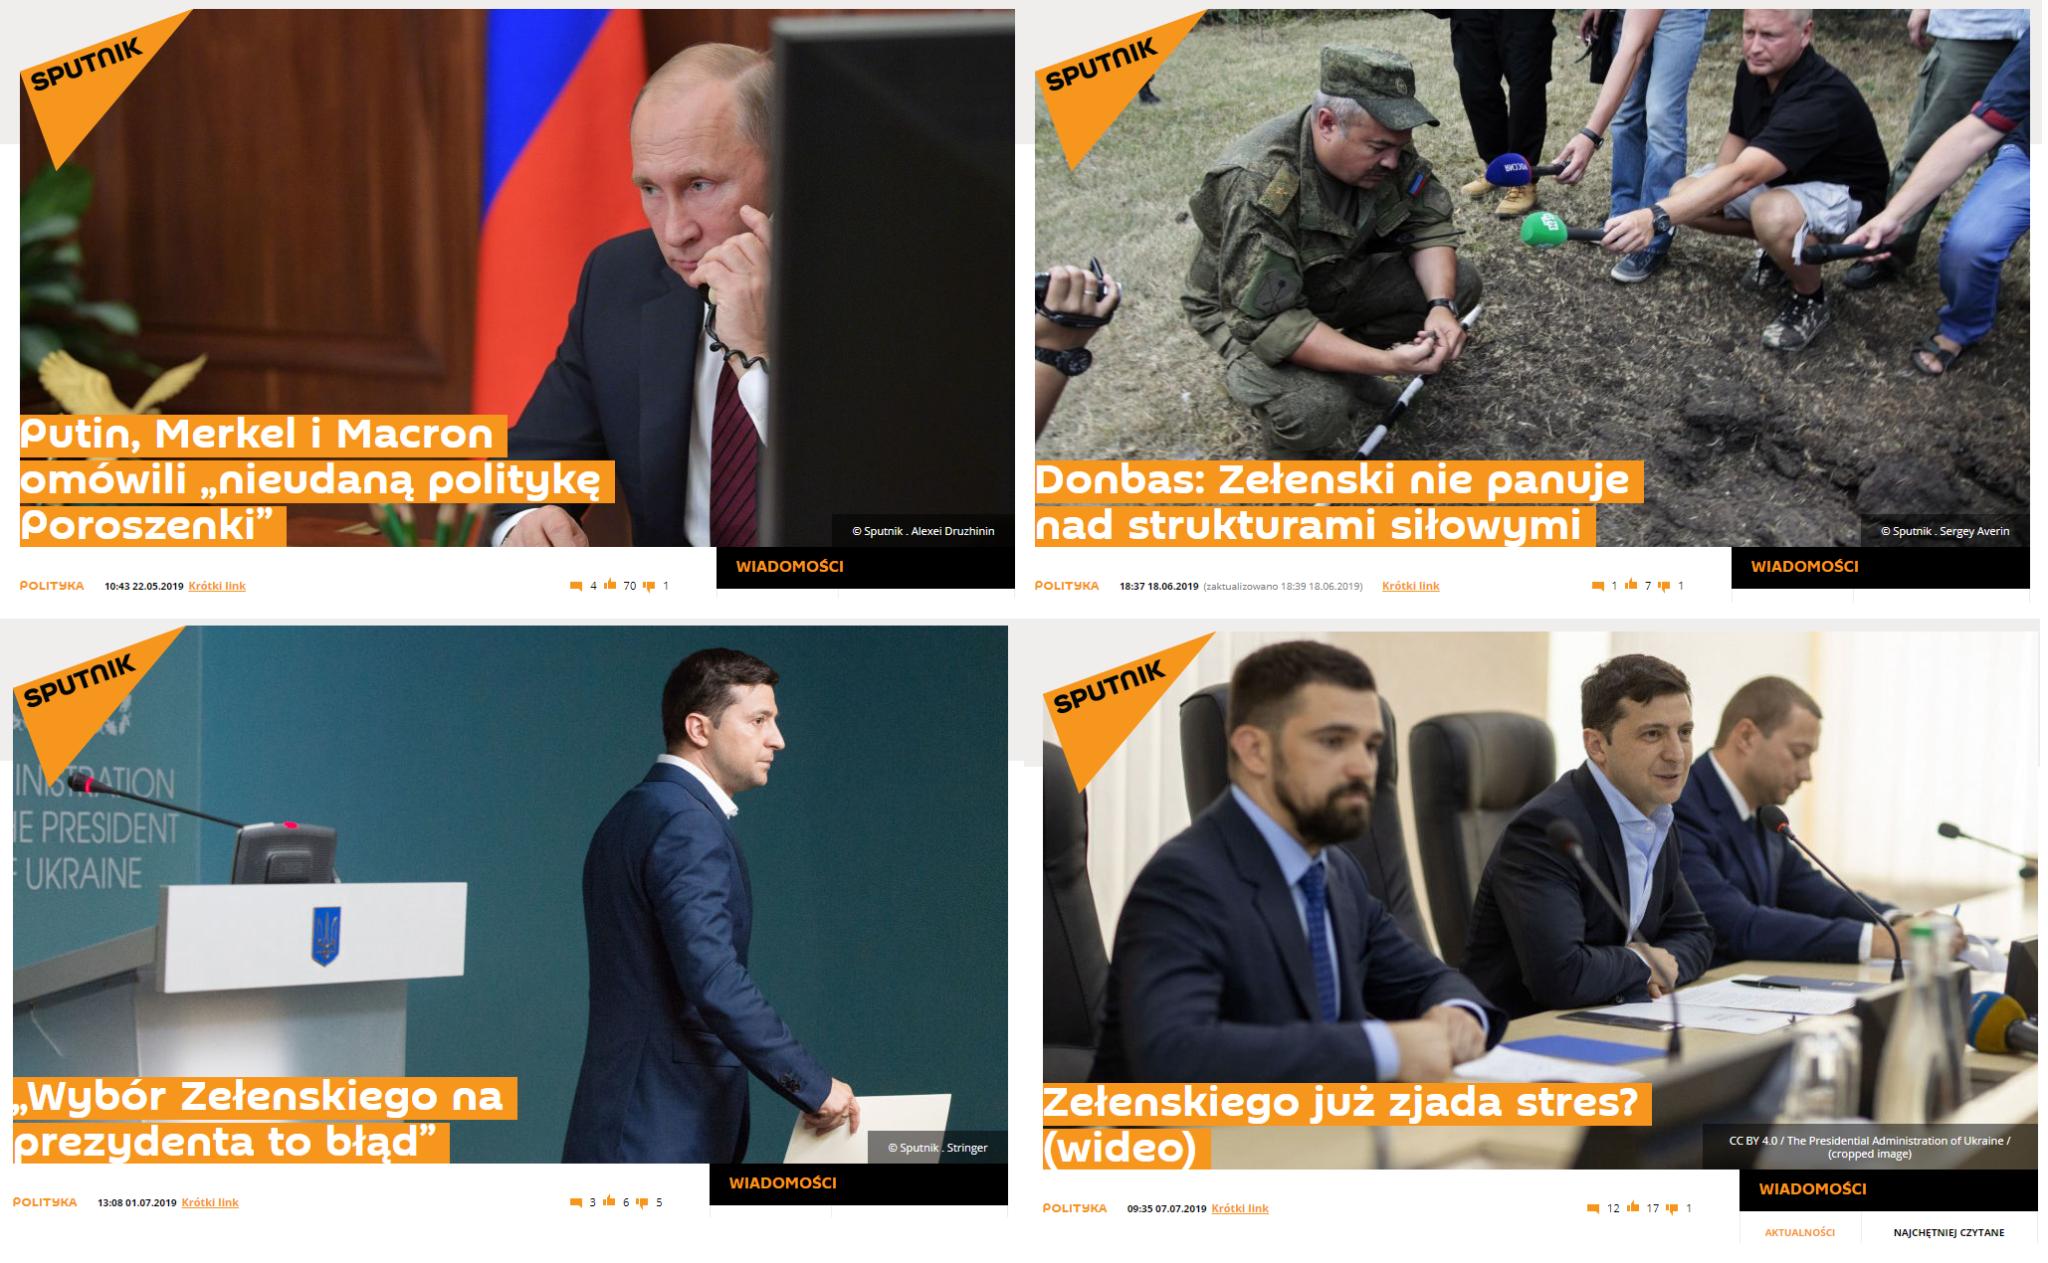 Tytuły niektórych artykułów o prezydentach Ukrainy na Sputnik Polska